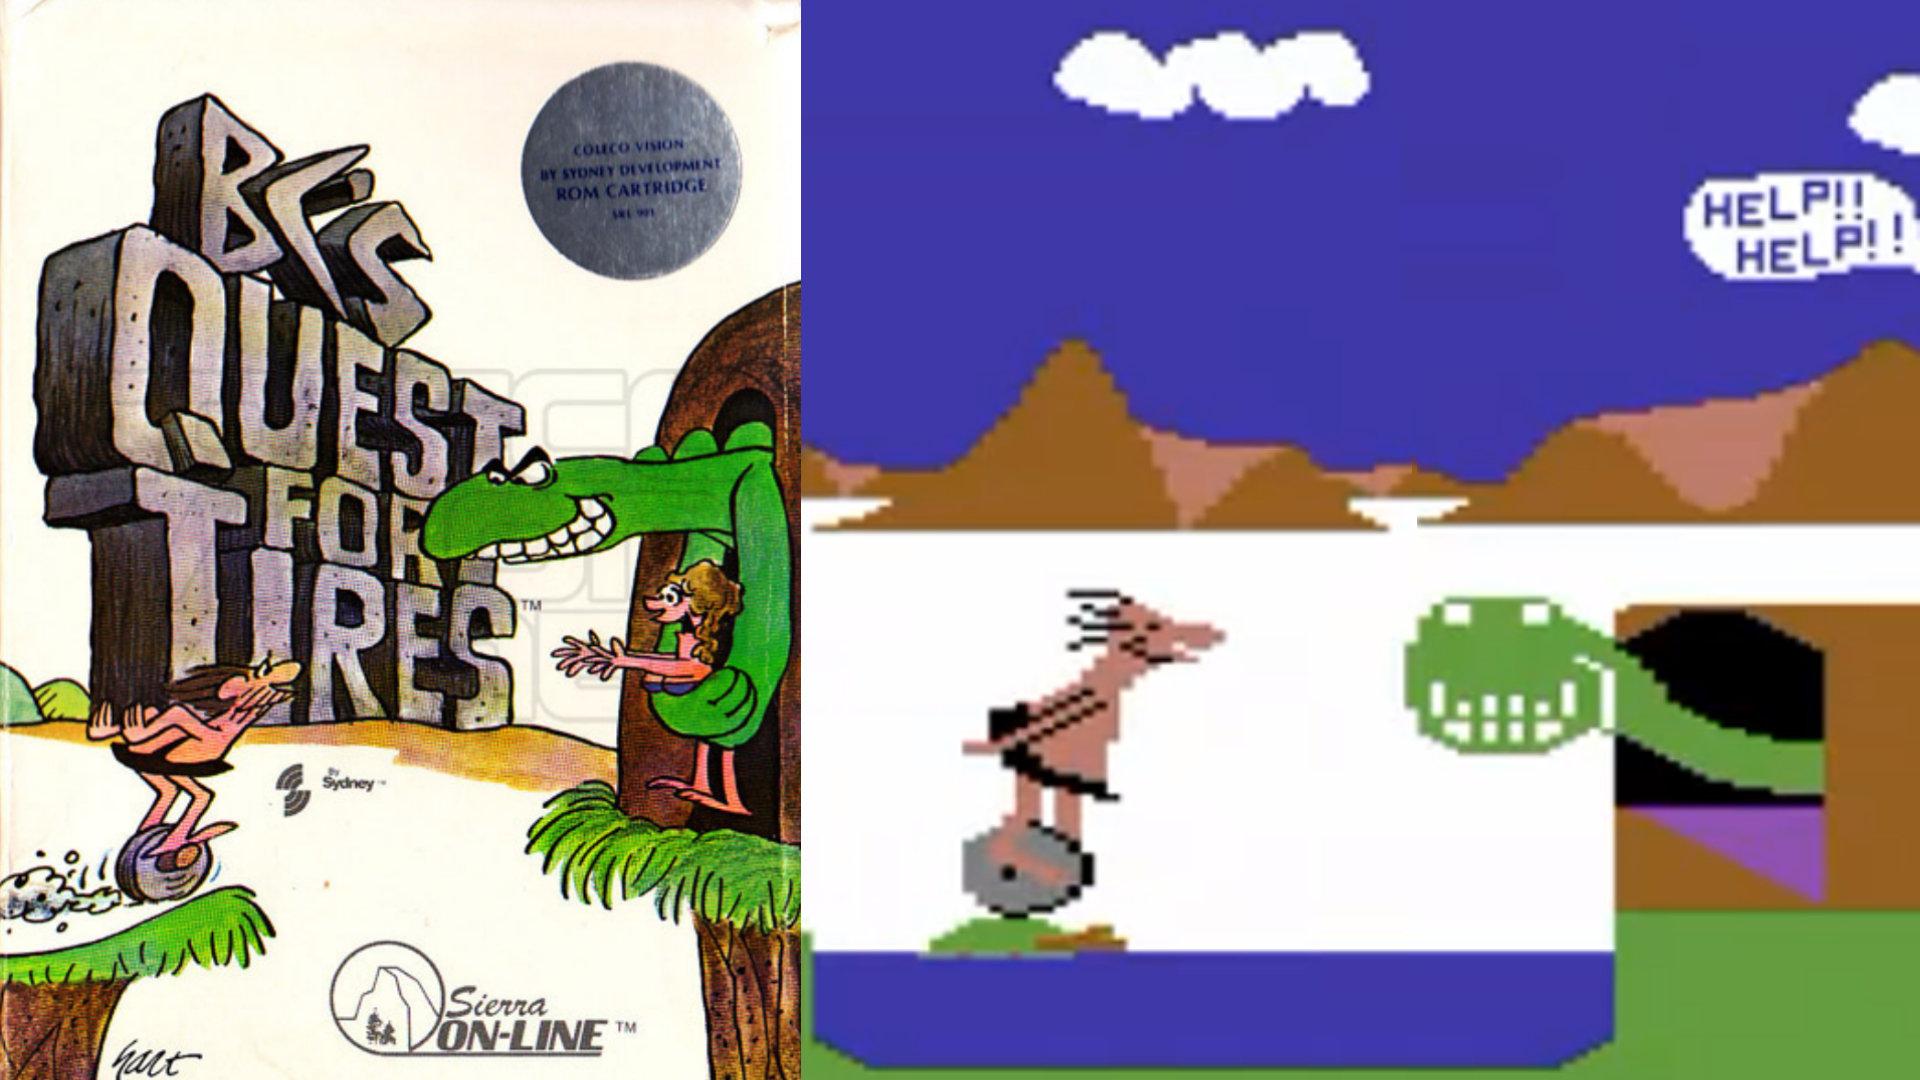 Ungewöhnliche große Spielfiguren tricksten in B.C.'s Quest for Tires die beschränkte Auflösung der Rechner der frühen 1980ern aus, um die auf der Schachtel angedeutete humorvolle Handlung ins Spiel selbst übertragen zu können. (Bild: Andreas Wanda)